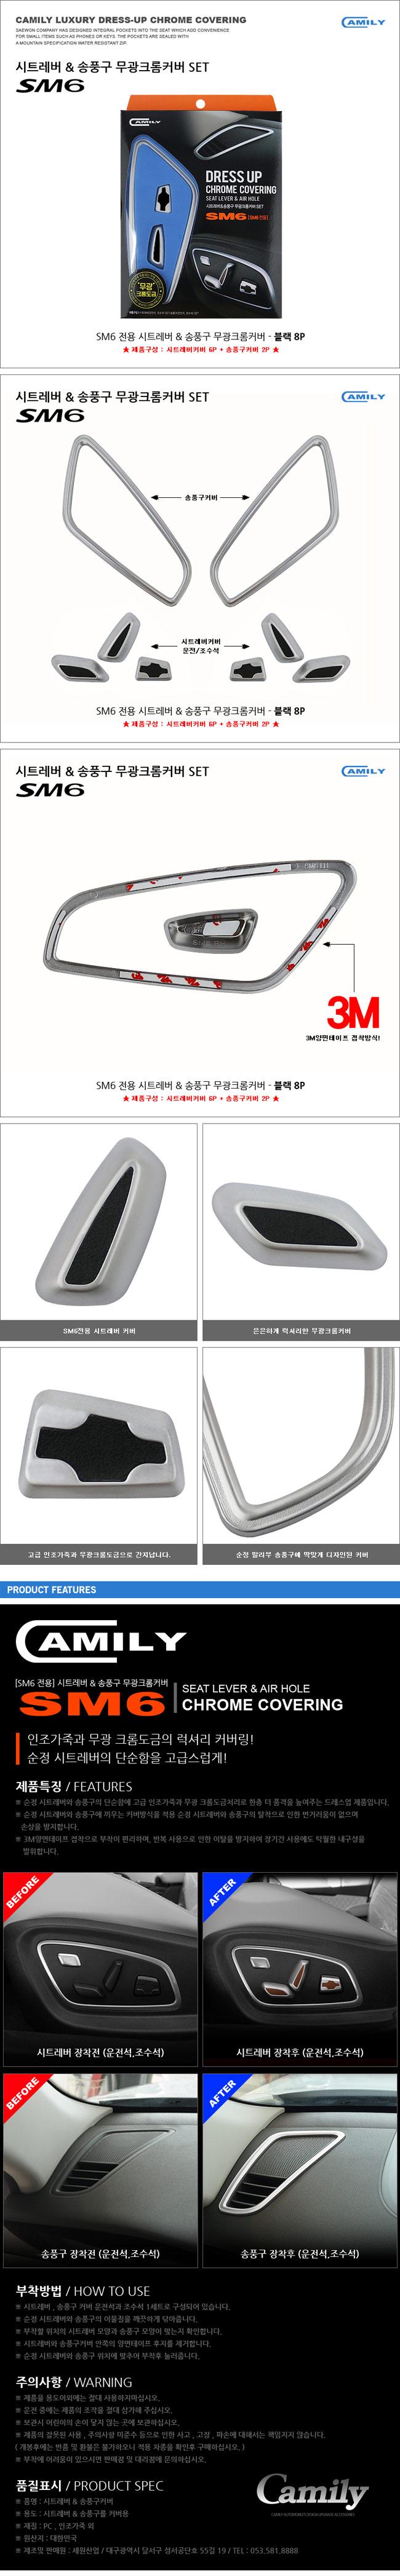 카미리 SM6 시트레버 & 송풍구커버